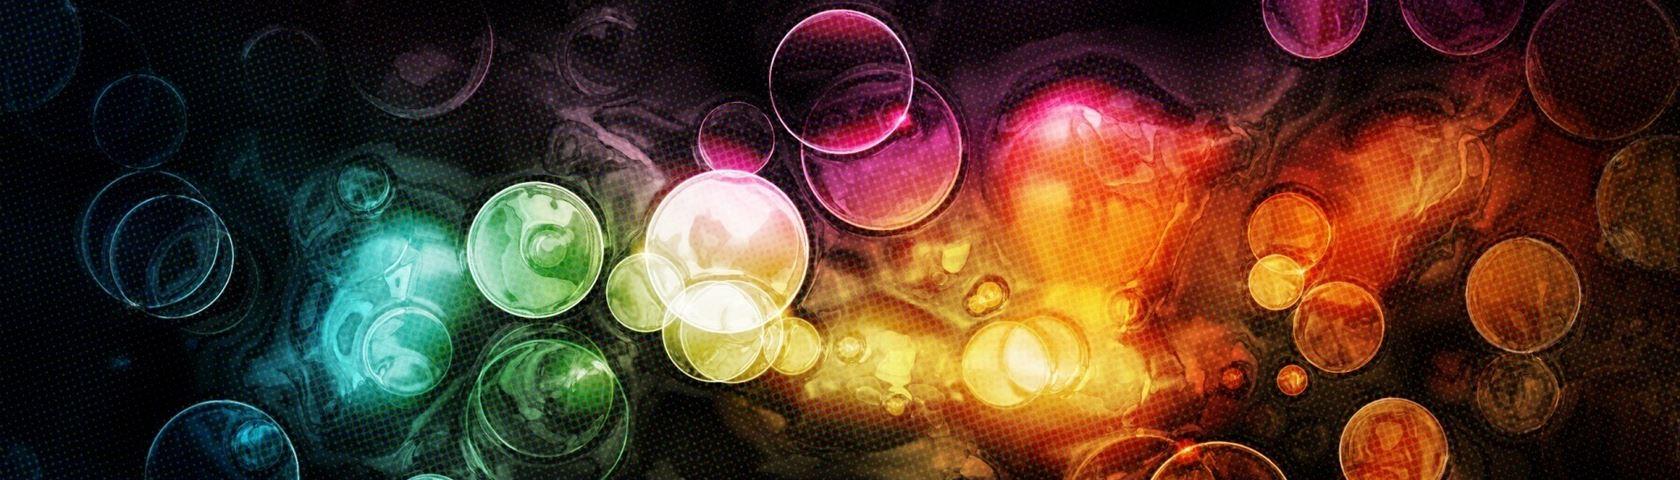 Tie Dye Bubbles